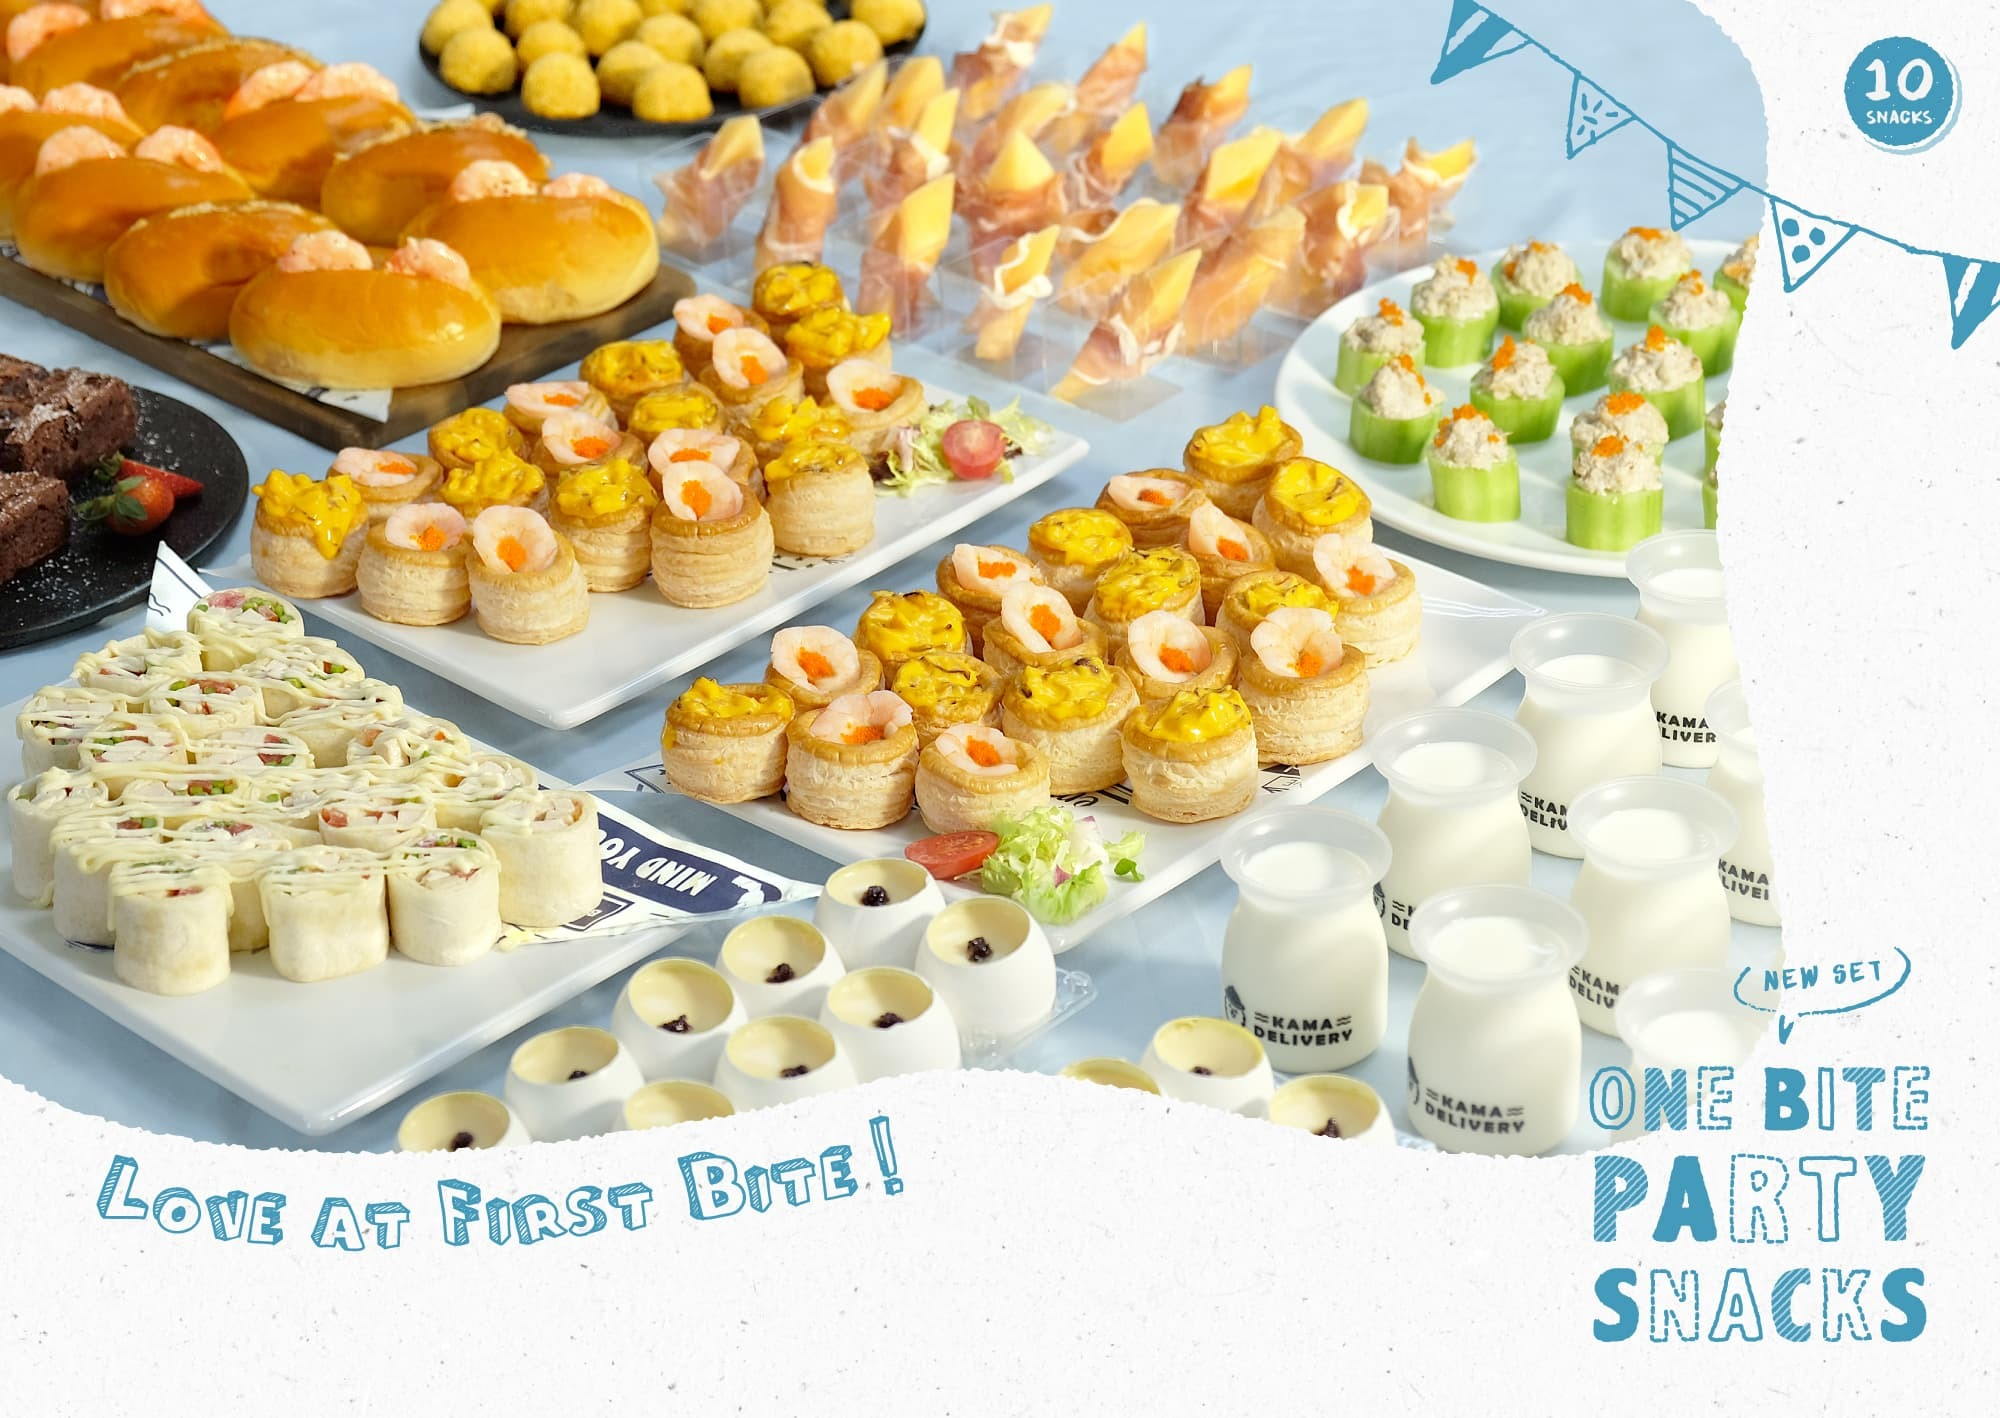 33人外賣套餐推薦 Kama Delivery推出的一口派對小食Set適合在私人婚宴酒會、百日宴、店舖開張、企業簡介會、公司講座、辦公室會議、慶功宴等場合享用及訂購。